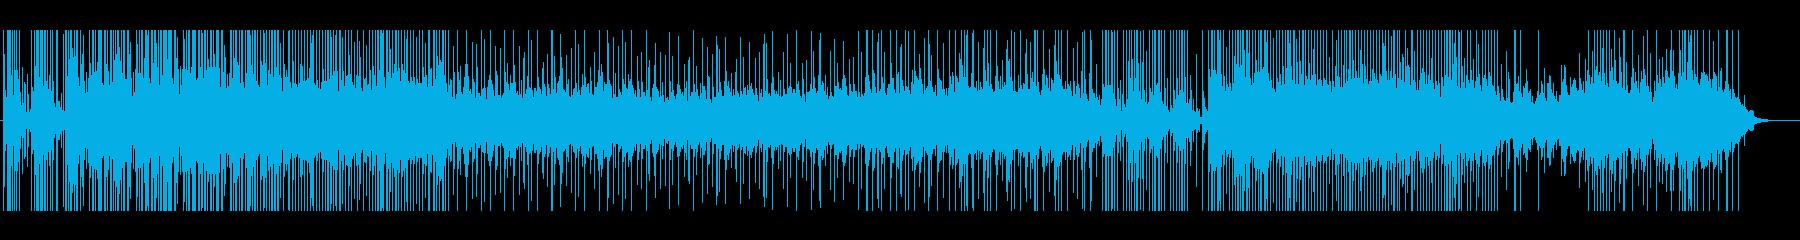 屋外。 Skylore:電子スコッ...の再生済みの波形